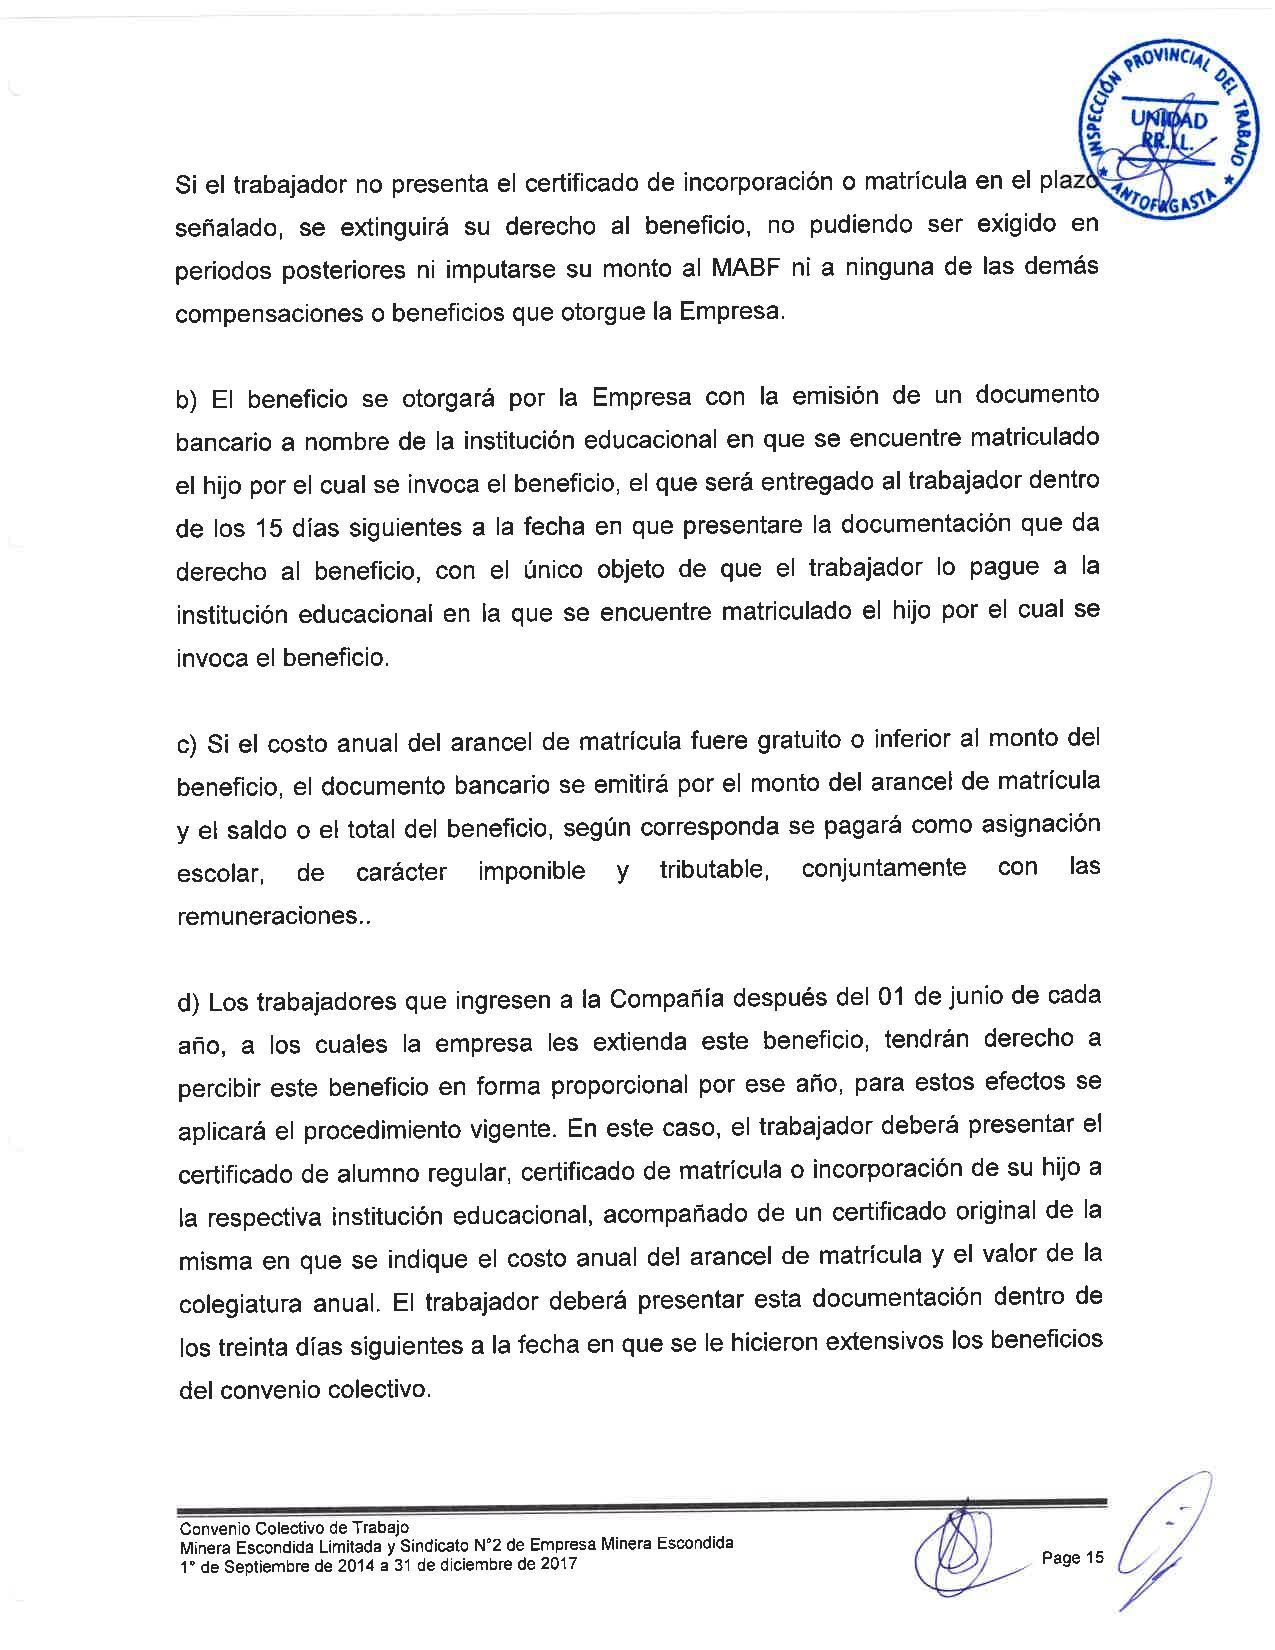 Página (15).jpg